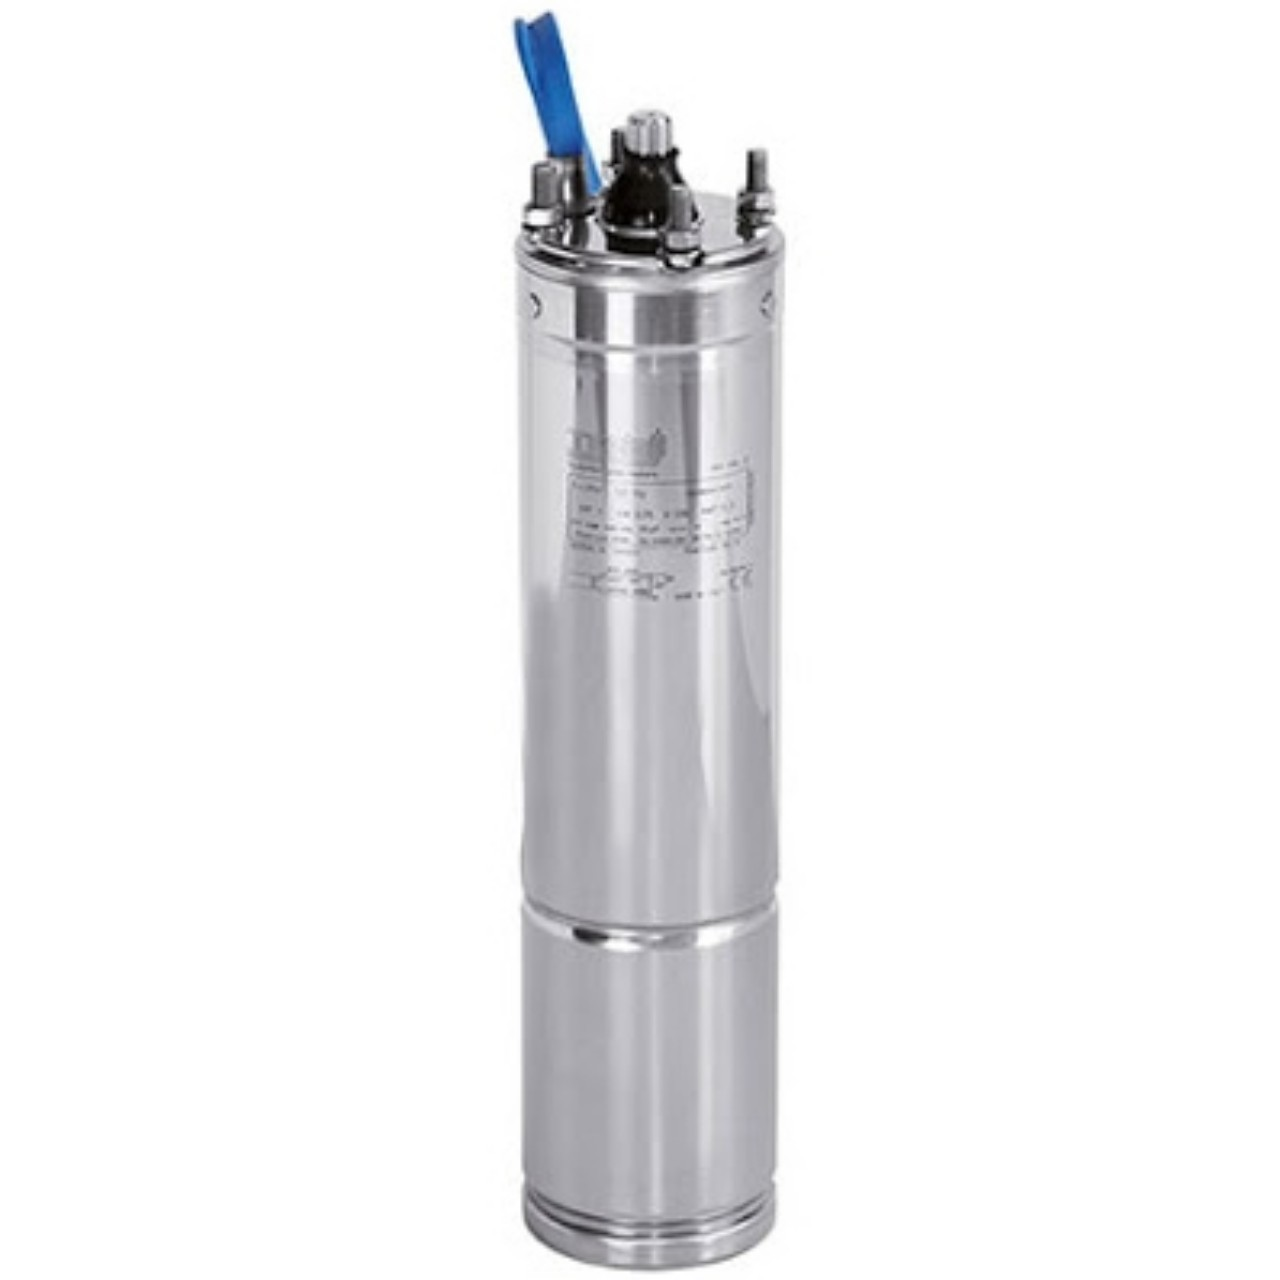 الکترو موتور شناوری دیزلساز  مدل 4sdm1500S-2hp